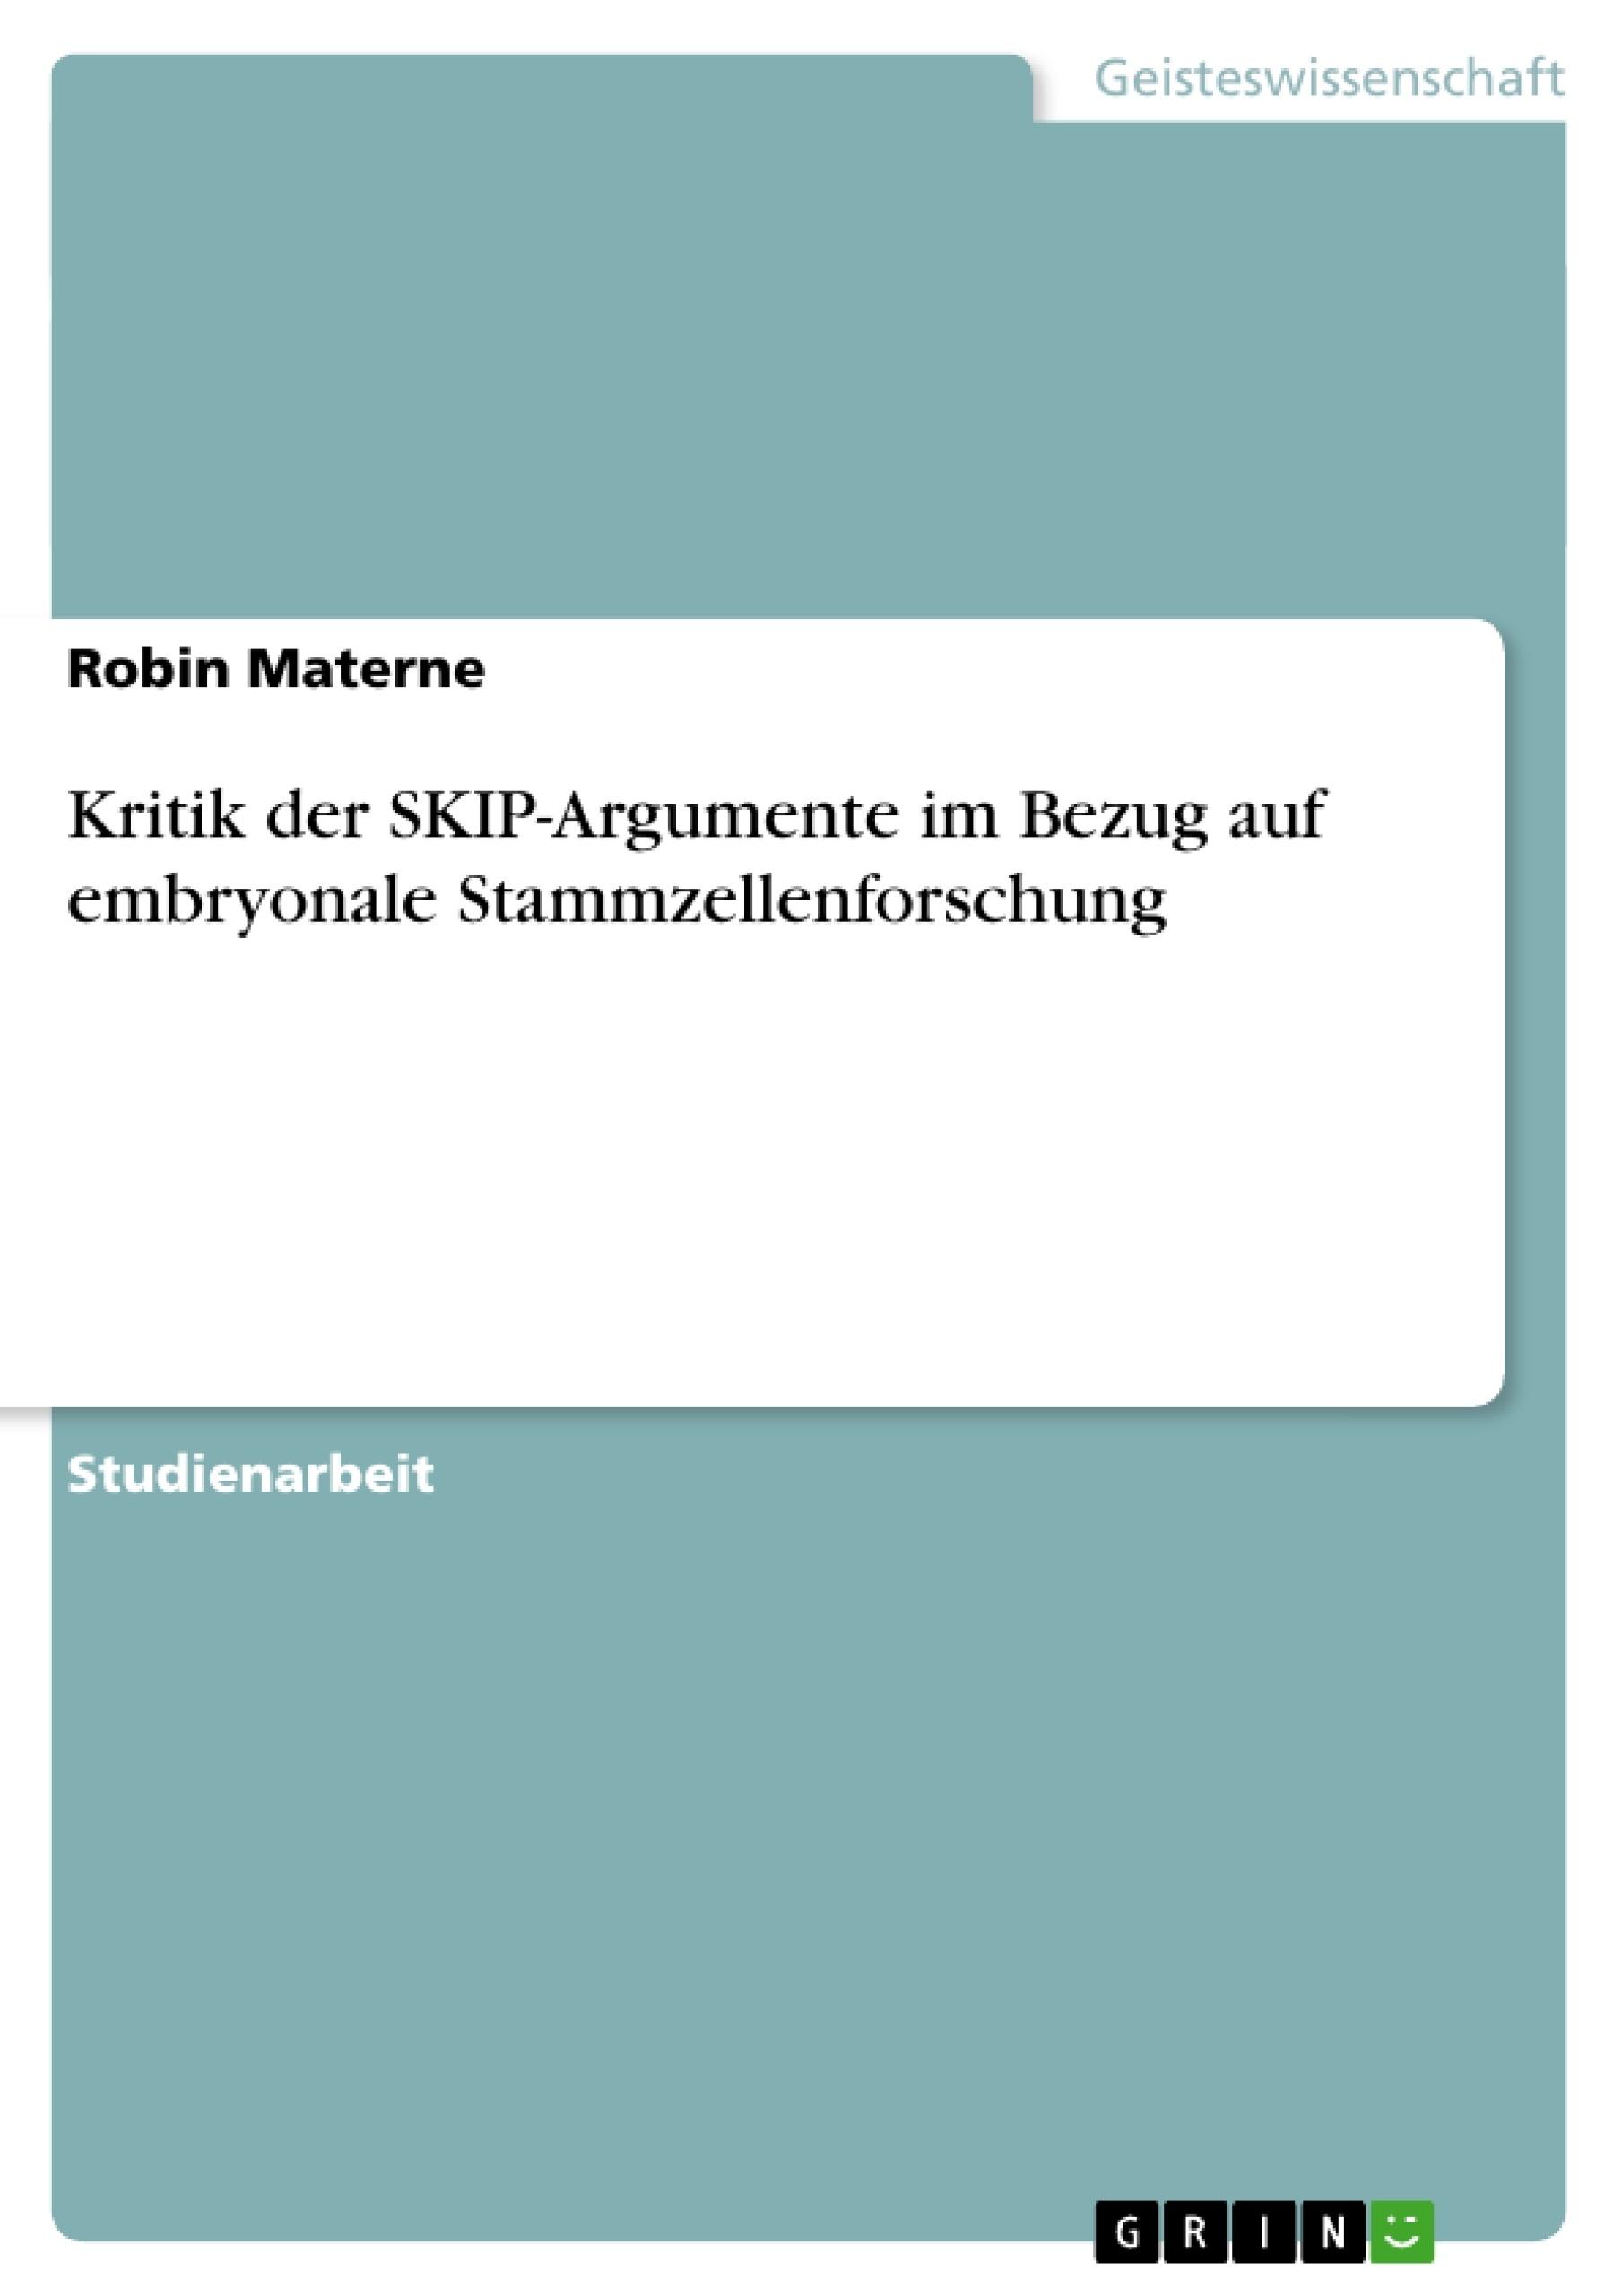 Titel: Kritik der SKIP-Argumente im Bezug auf embryonale Stammzellenforschung